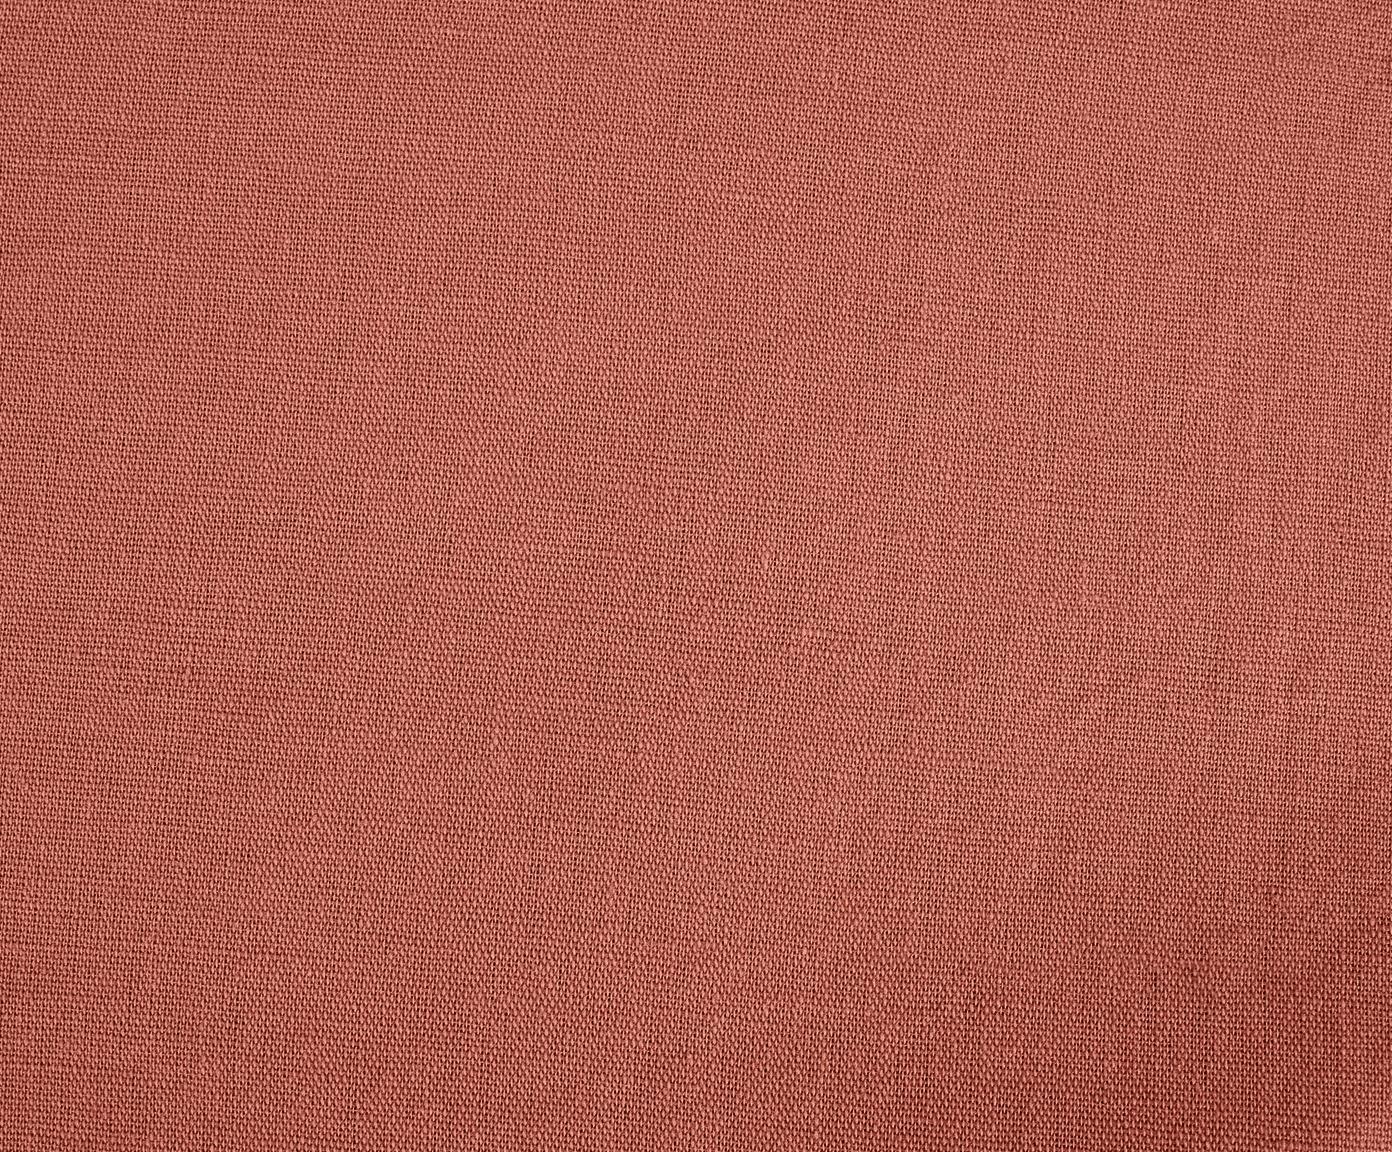 Pościel z lnu z efektem sprania Nature, Terakota, 135 x 200 cm